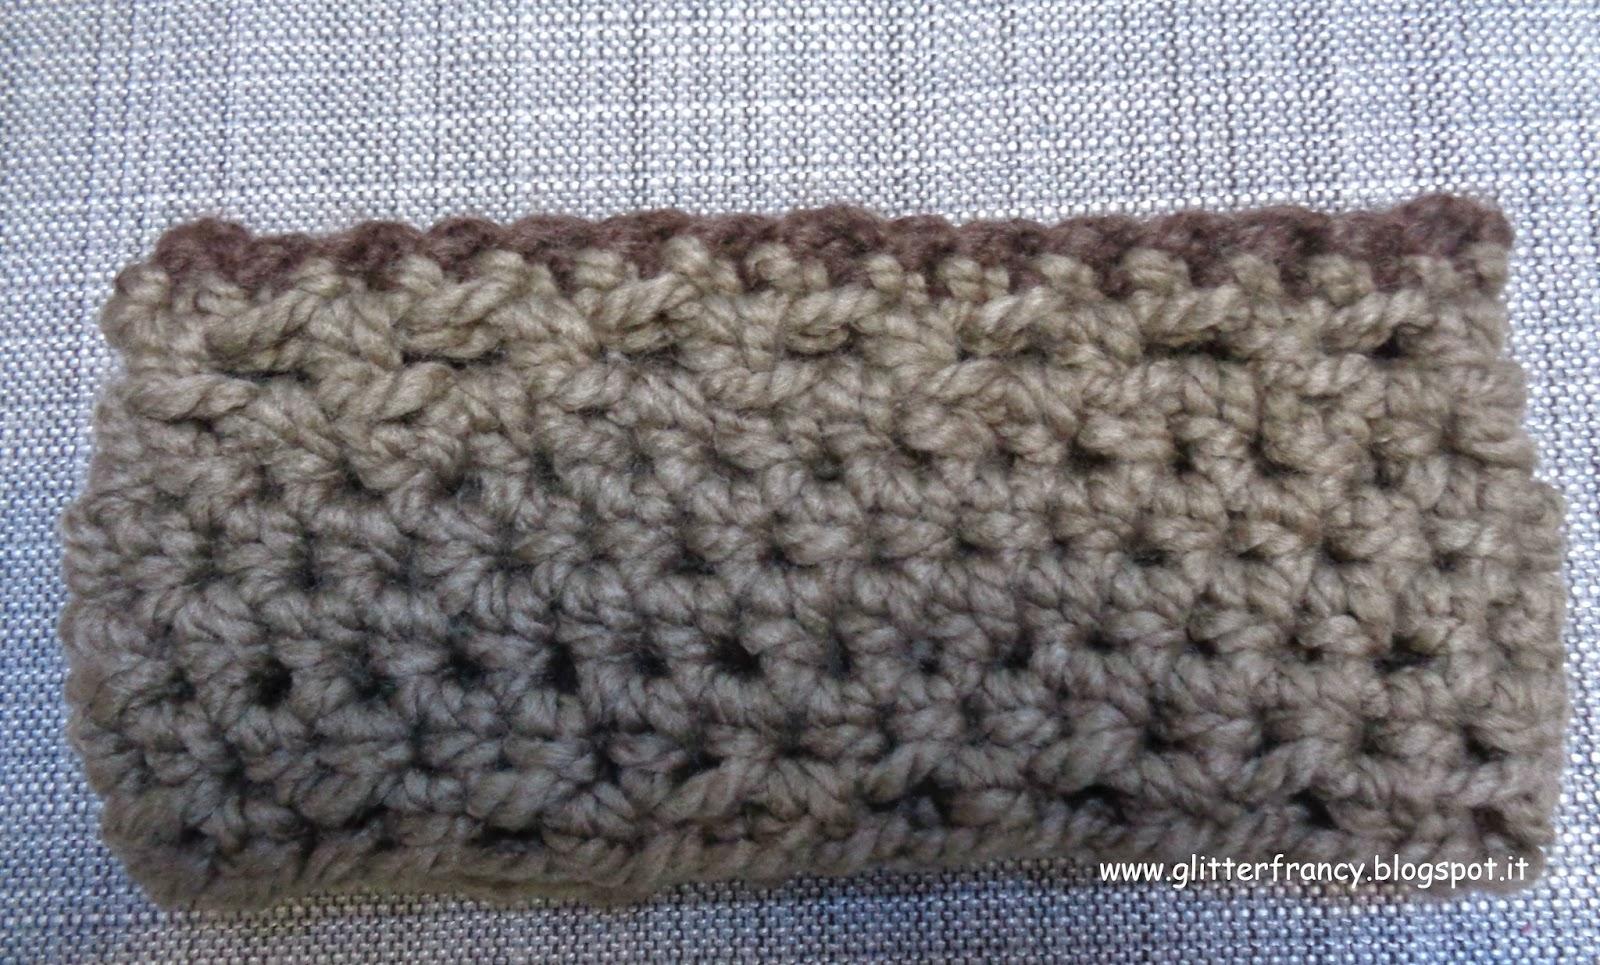 Scaldacollo all'uncinetto con avanzi di lana